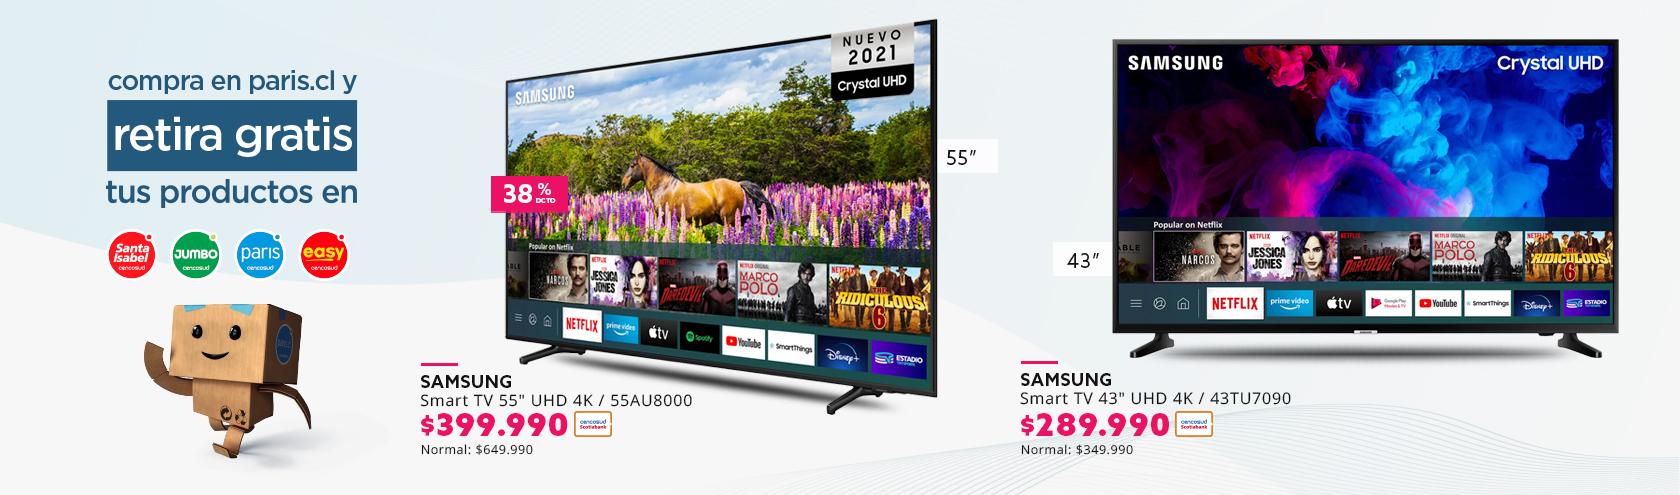 Las mejores ofertas en Smart TV solo en Paris